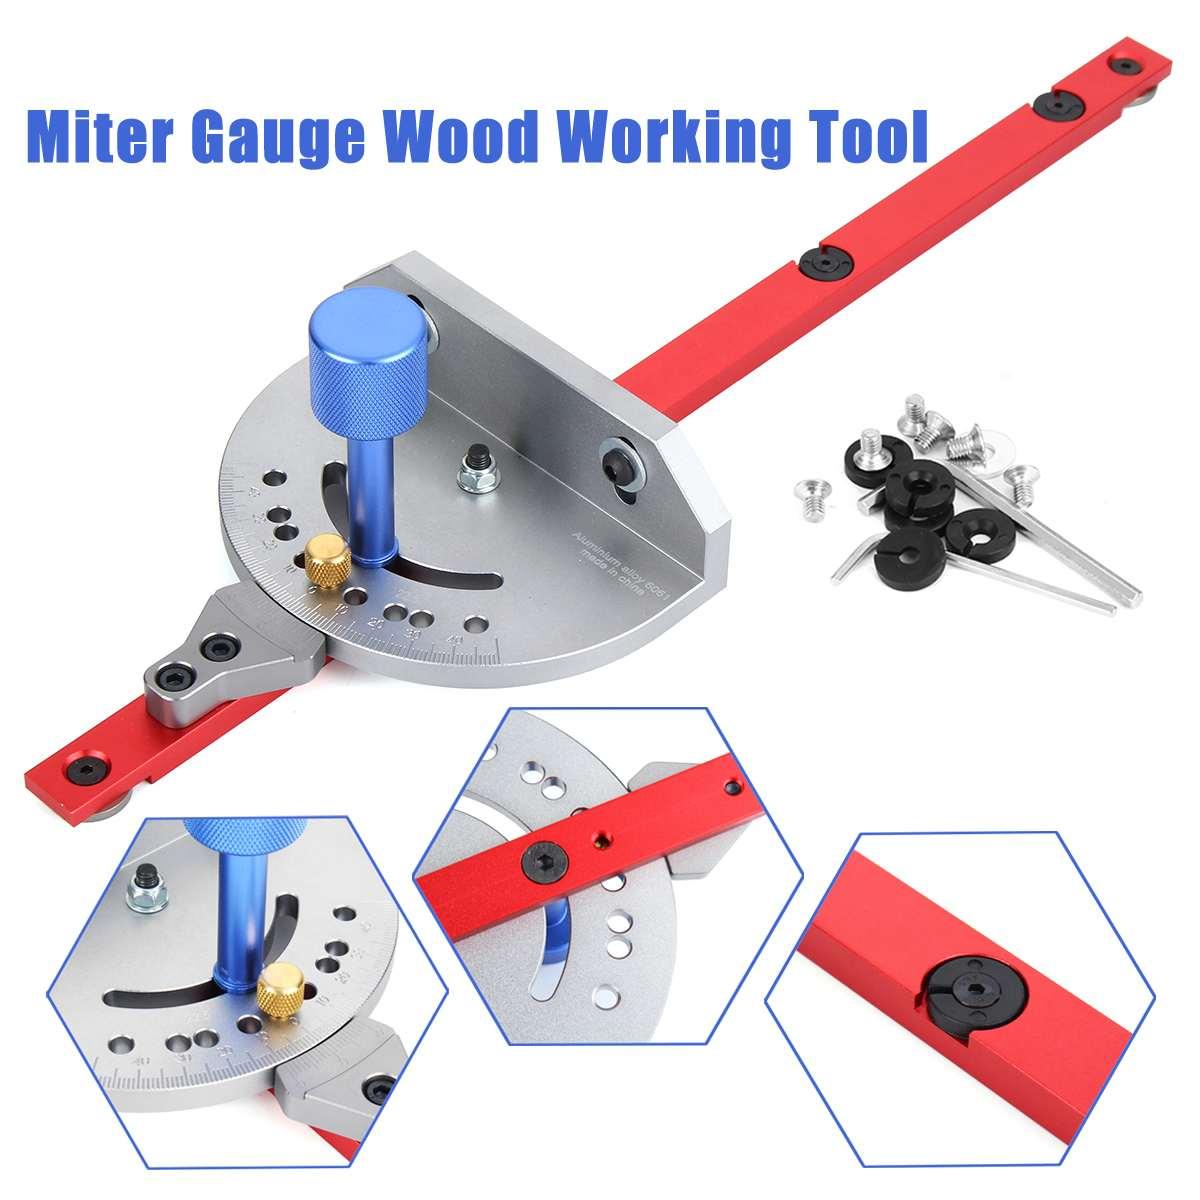 1 шт. инструмент для деревообработки для ленточнопильного стола, фрезерный станок с угловым наконечником, направляющие детали для деревооб